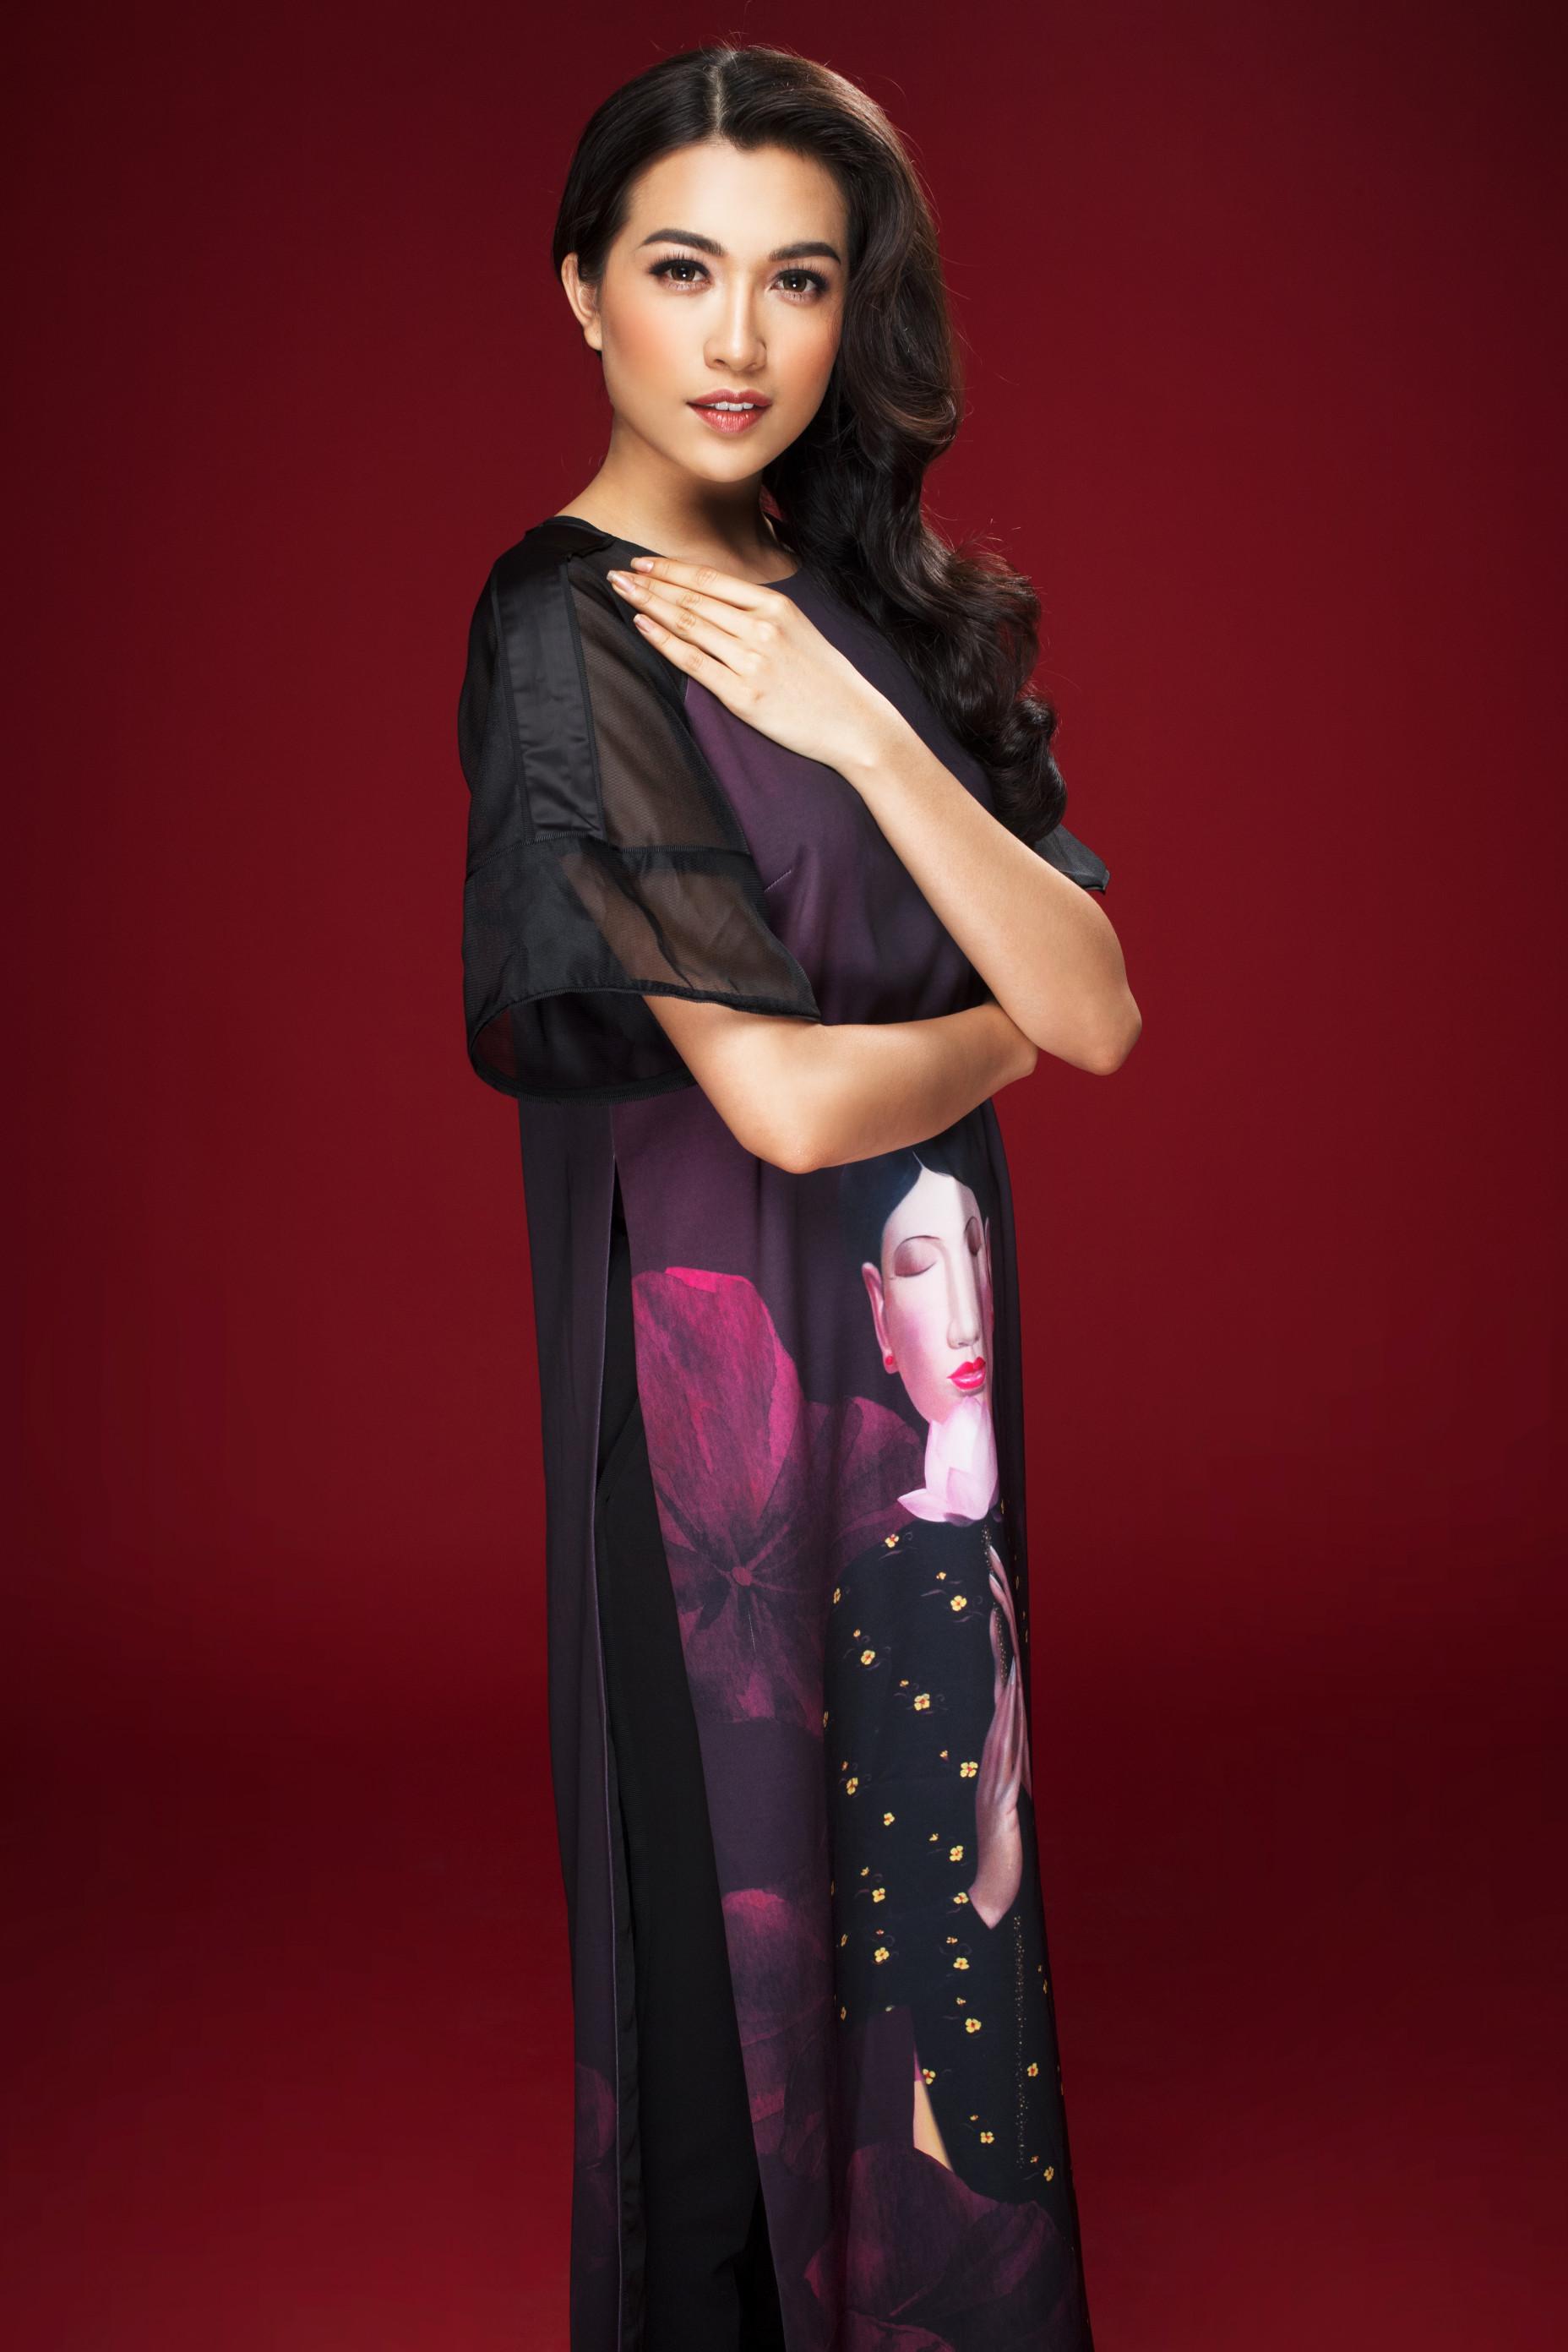 Lệ Hằng Miss Universe - elle vietnam 9